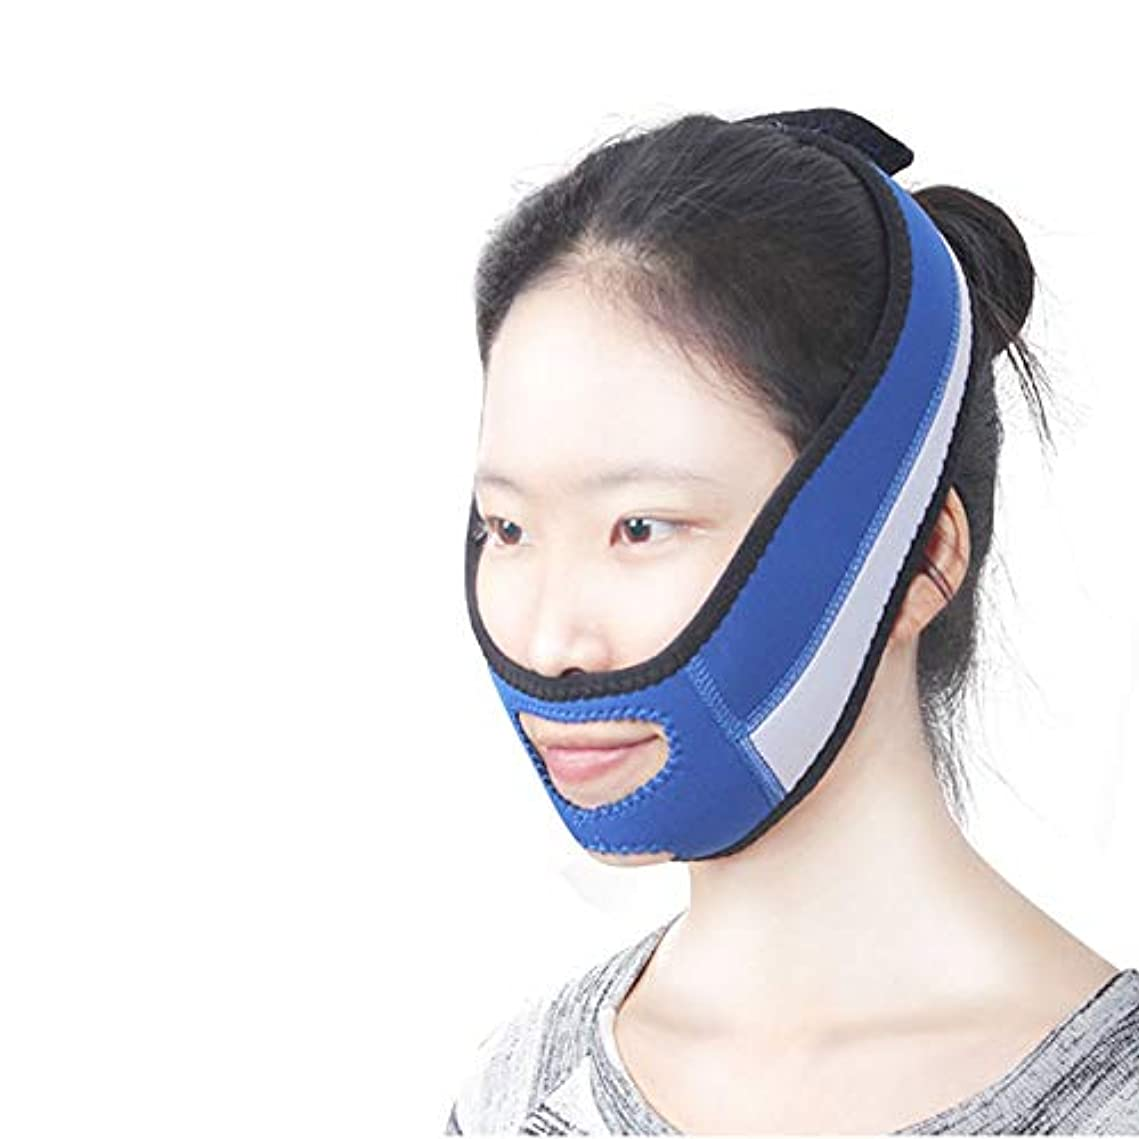 あいまいさ半円失態WSJTT V字型スリミングフェイスストラップをマスクネックリフトテープフェイススリムパッチフェイススリミングベルトチークマスクリフトV顔ラインスリムを持ち上げるダブルチンリデューサーVラインマスク